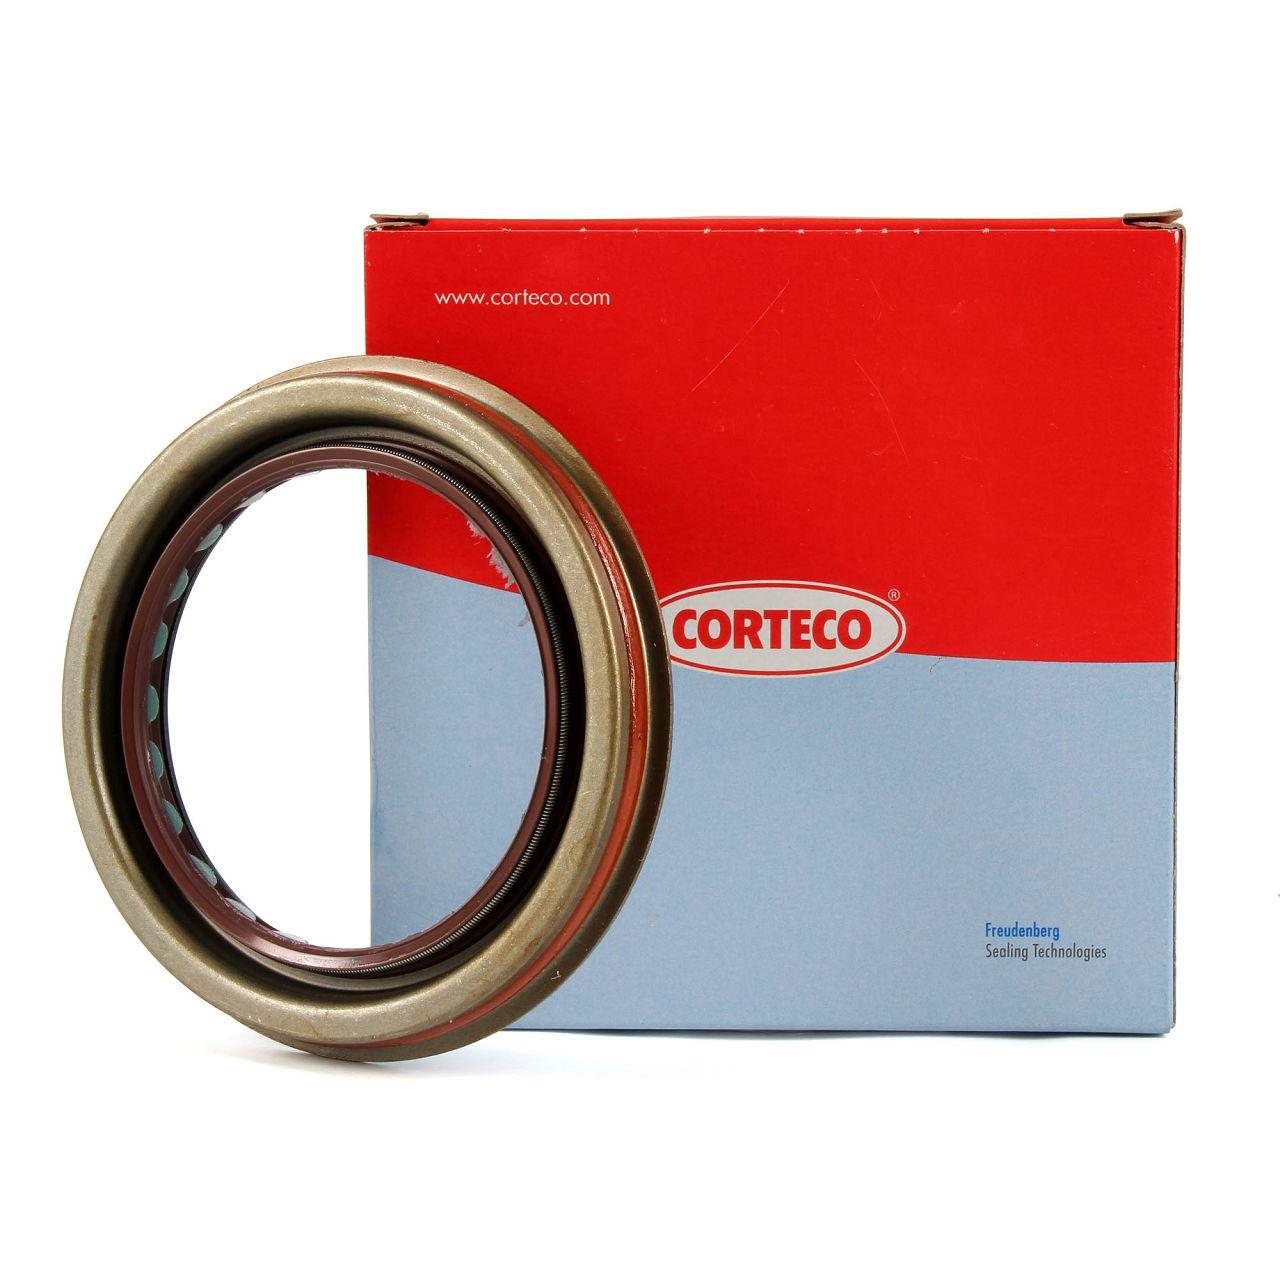 CORTECO Wellendichtring Simmering Antriebswelle für FORD TRANSIT ab 2000 hinten